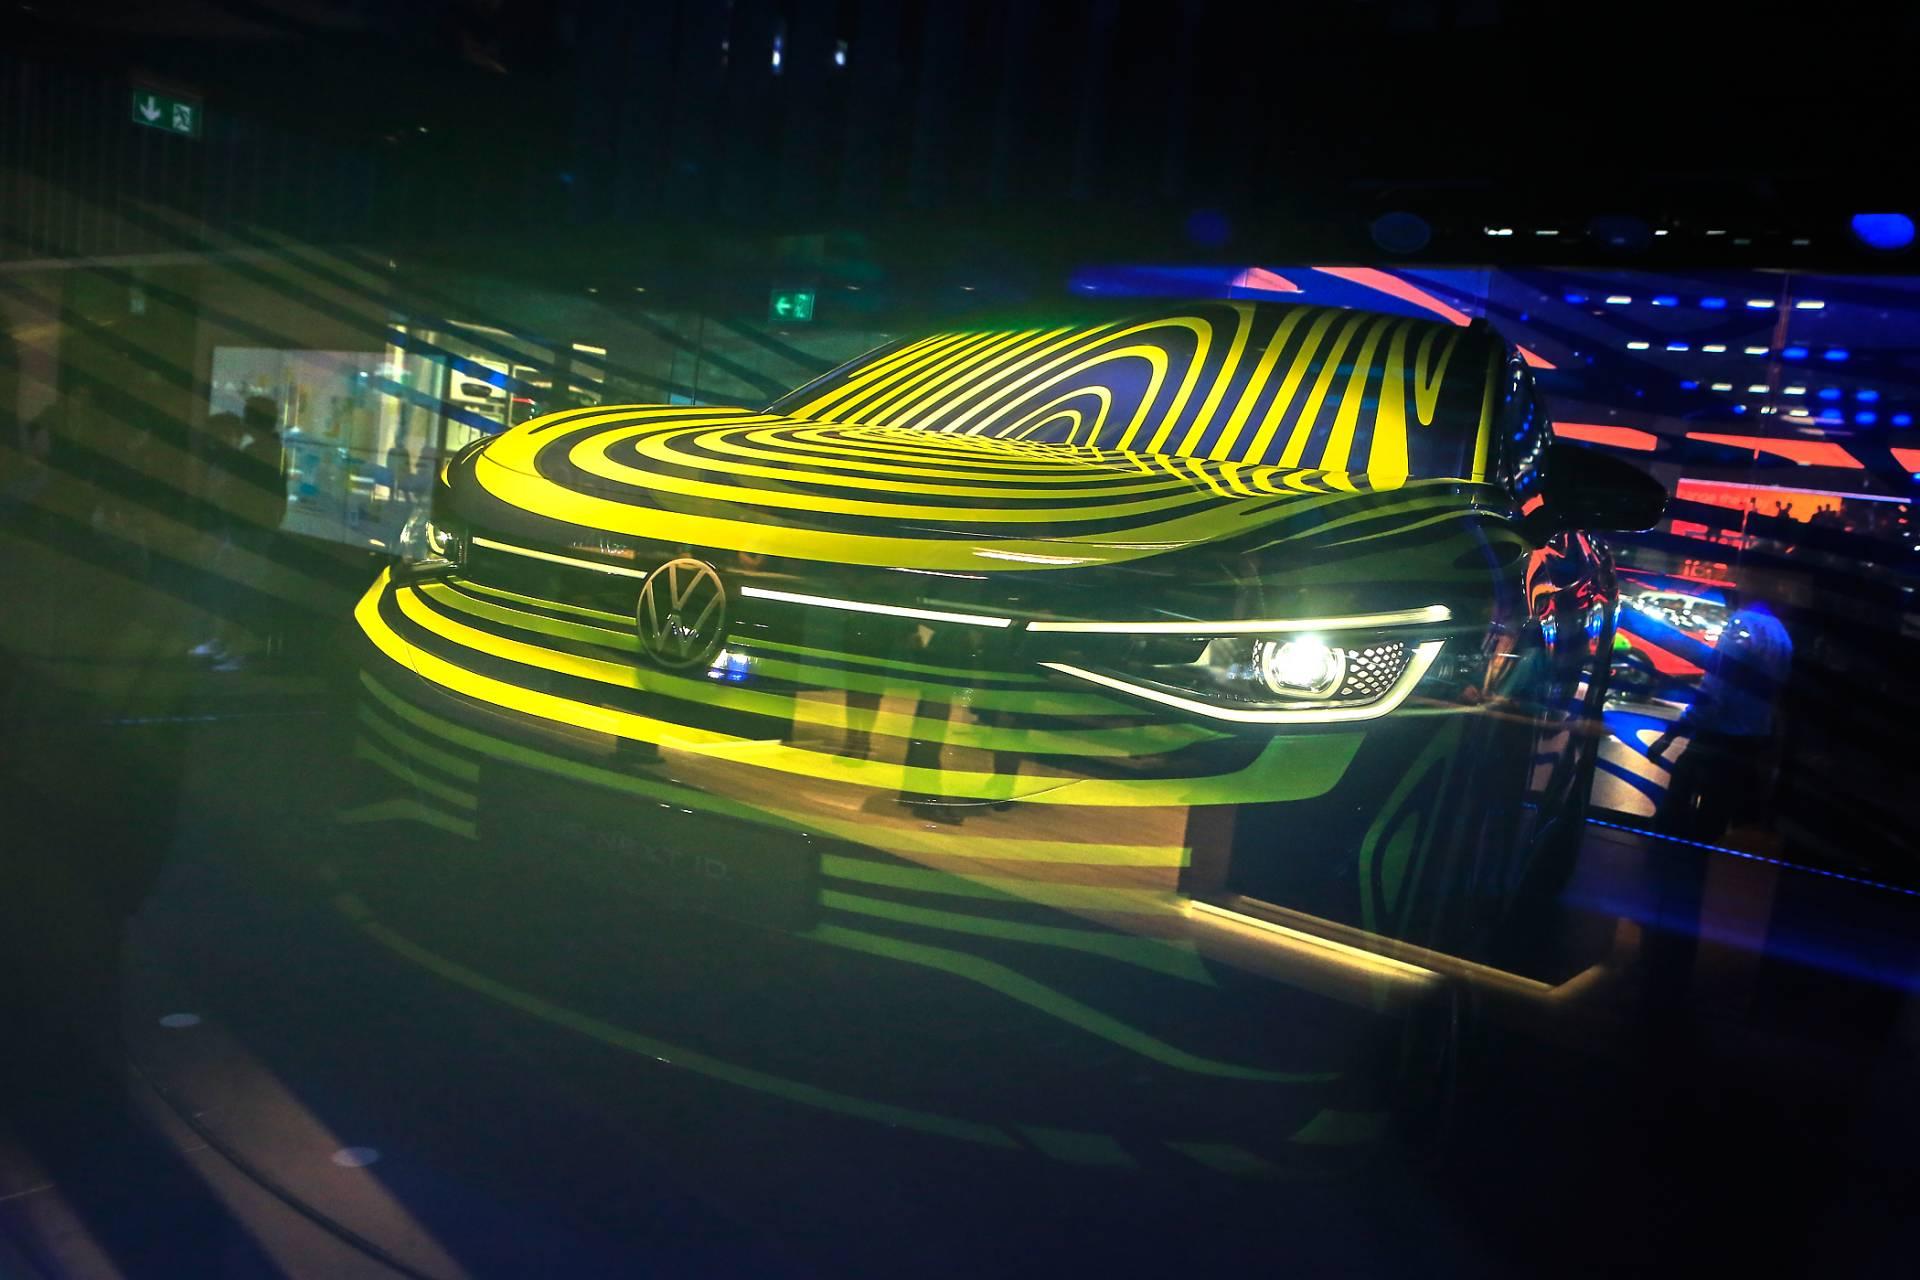 Volkswagen ID.4 : le SUV électrique dévoilé en février 2020 à Chicago